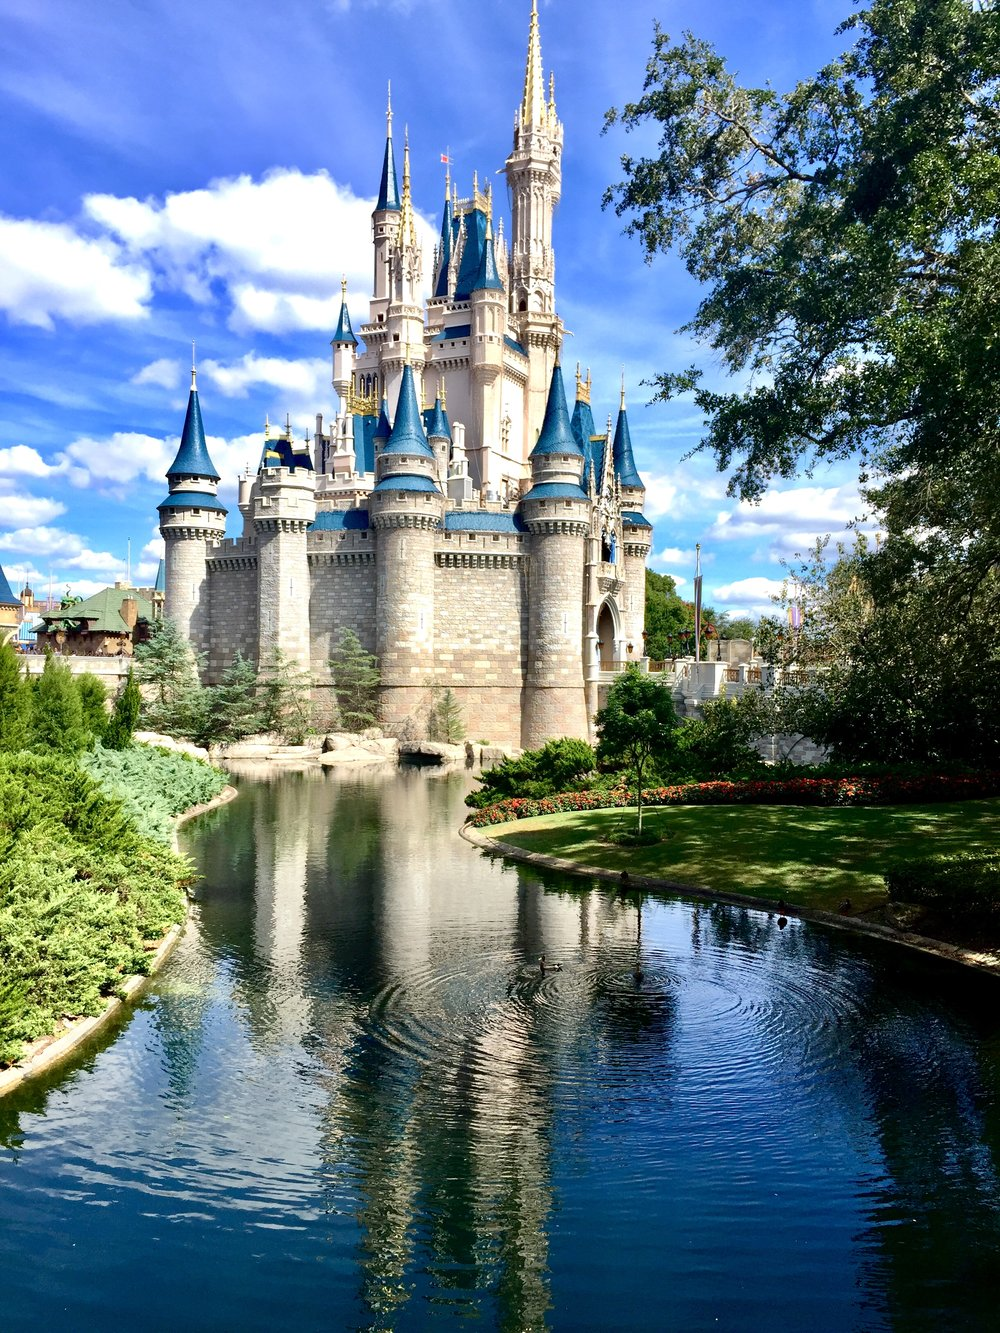 Orlando - Vistiar la ciudad del Mundo Mágico puede ser todo una hazaña para evitar las grandes masas de turistas que a su vez tienen un impacto directo en los precios de hospedajes y los parques. Las mejores temporadas para visitar Orlando son:Mediados de septiembre -mediados de octubreMediados de enero - mediados de marzoMediados de abril - mediado de mayoAhorrarás dinero y largas filas…